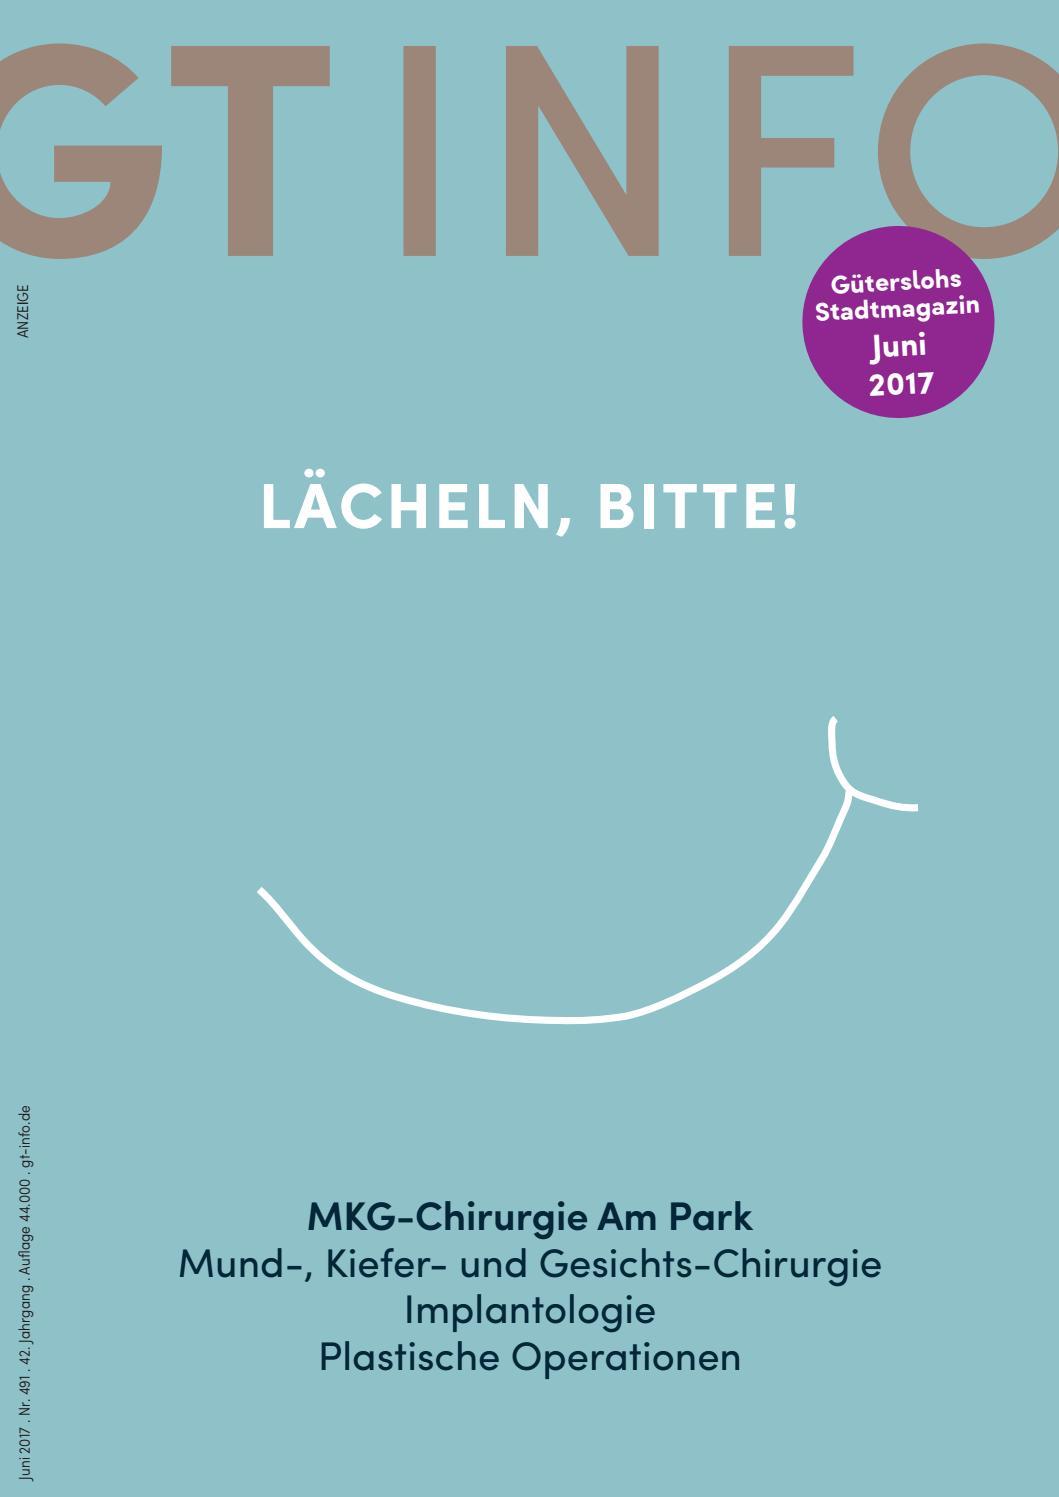 GT-INFO by Güterslohs Stadtmagazin - issuu